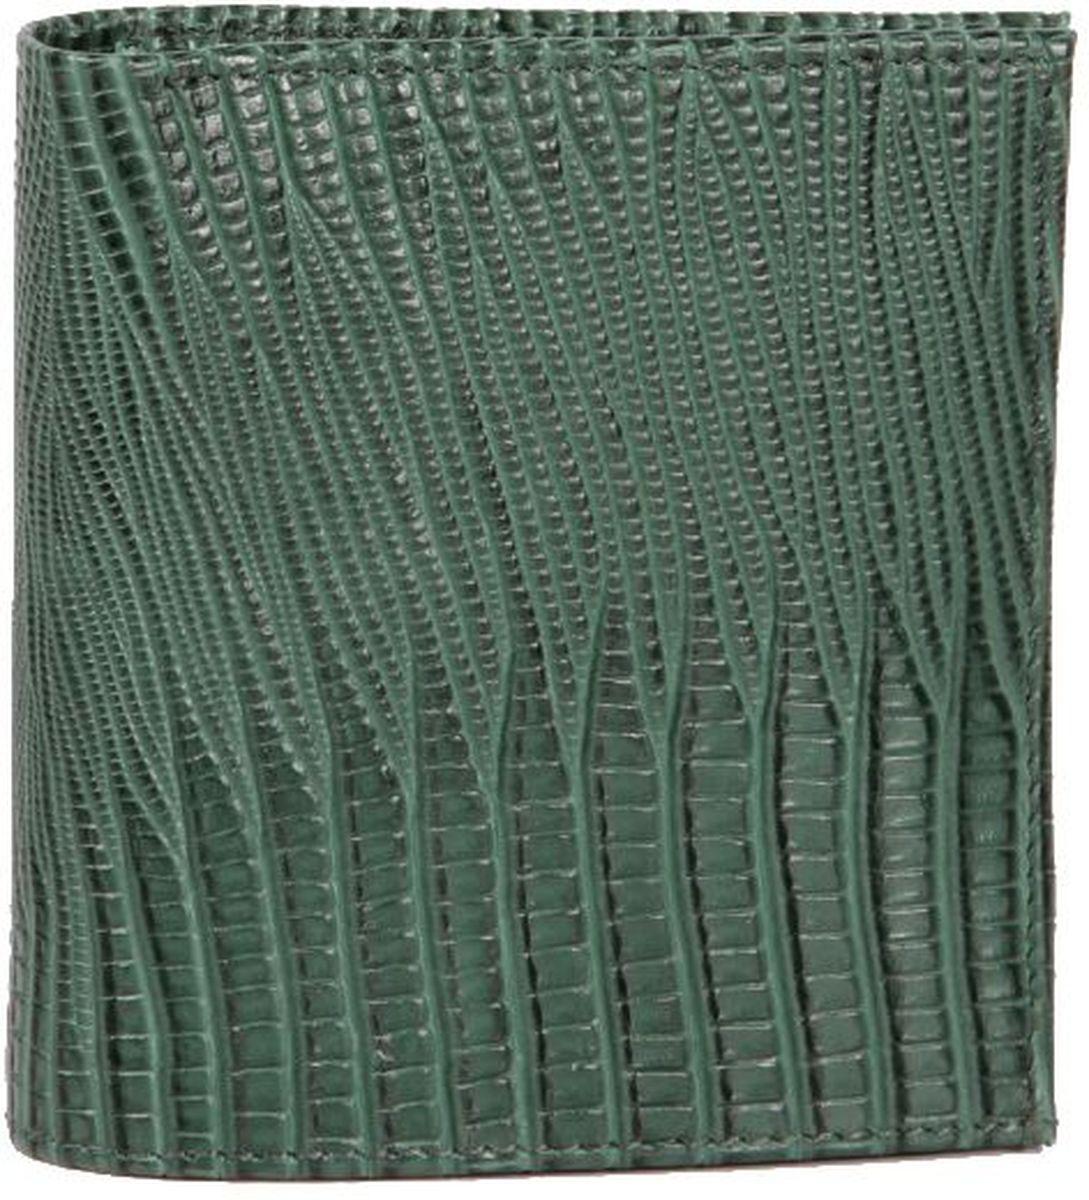 Портмоне женское Piero, цвет: темно-зеленый. 50КЖМ_31_120950КЖМ_31_1209Модель выполнена из высококачественной гладкой натуральной кожи с оригинальным тиснением, внутри тканевая подкладка.